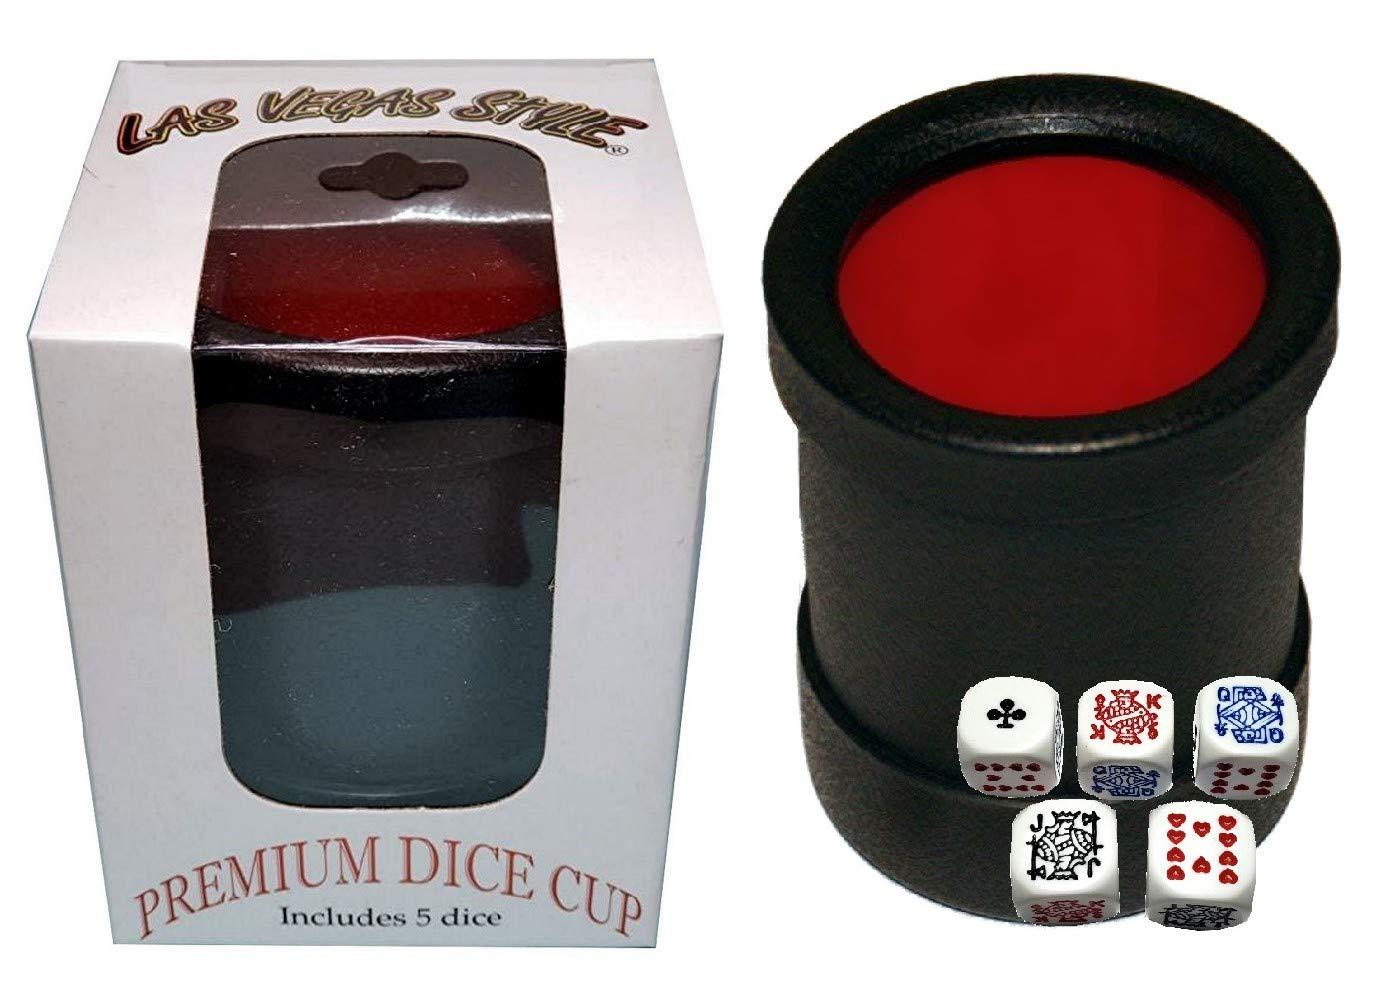 Cyber-Deals ラスベガススタイル プレミアムダイスカップ (ブラック/レッド) 16mmサイコロ5個付き ポーカー(丸角)  B07HKWHFGY